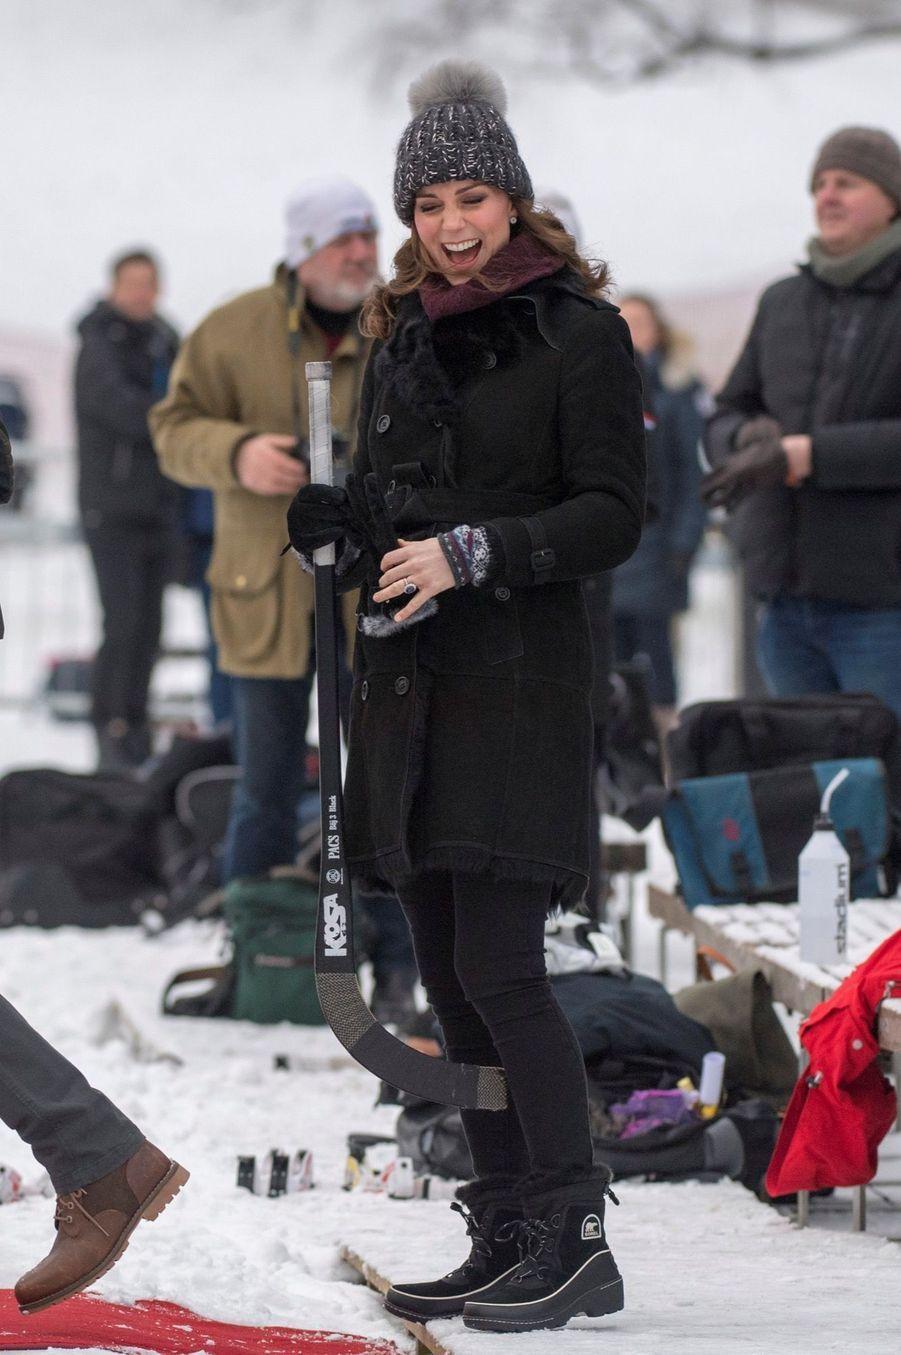 Kate Et William Dans Le Froid De L'hiver Suédois 30